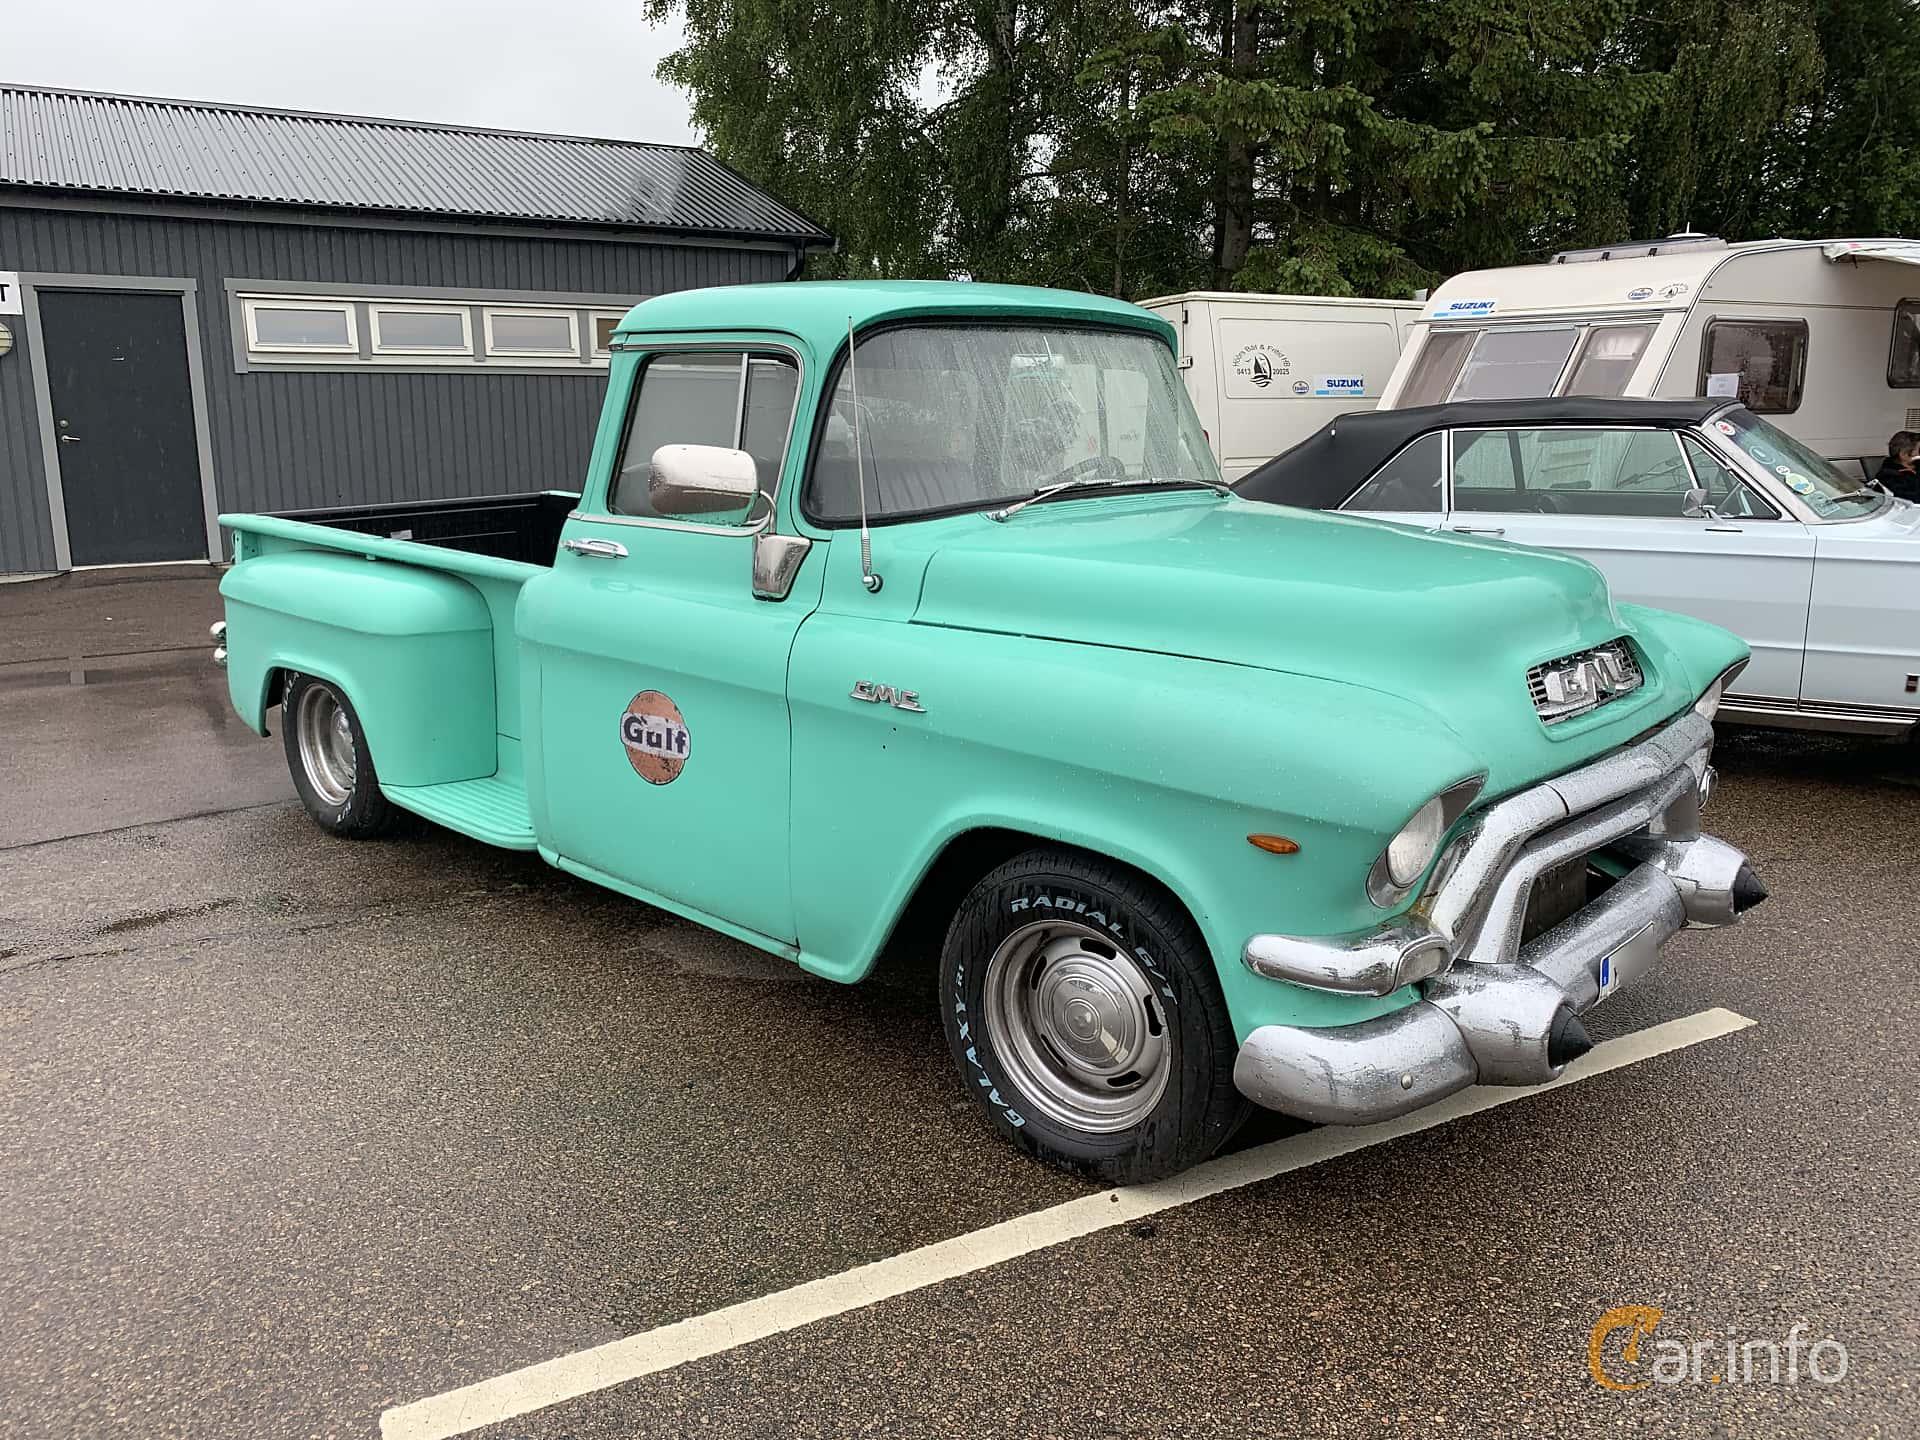 Front/Side  of GMC Blue Chip 100 Pickup 5.2 V8 Automatic, 183ps, 1956 at Svenskt sportvagnsmeeting 2019